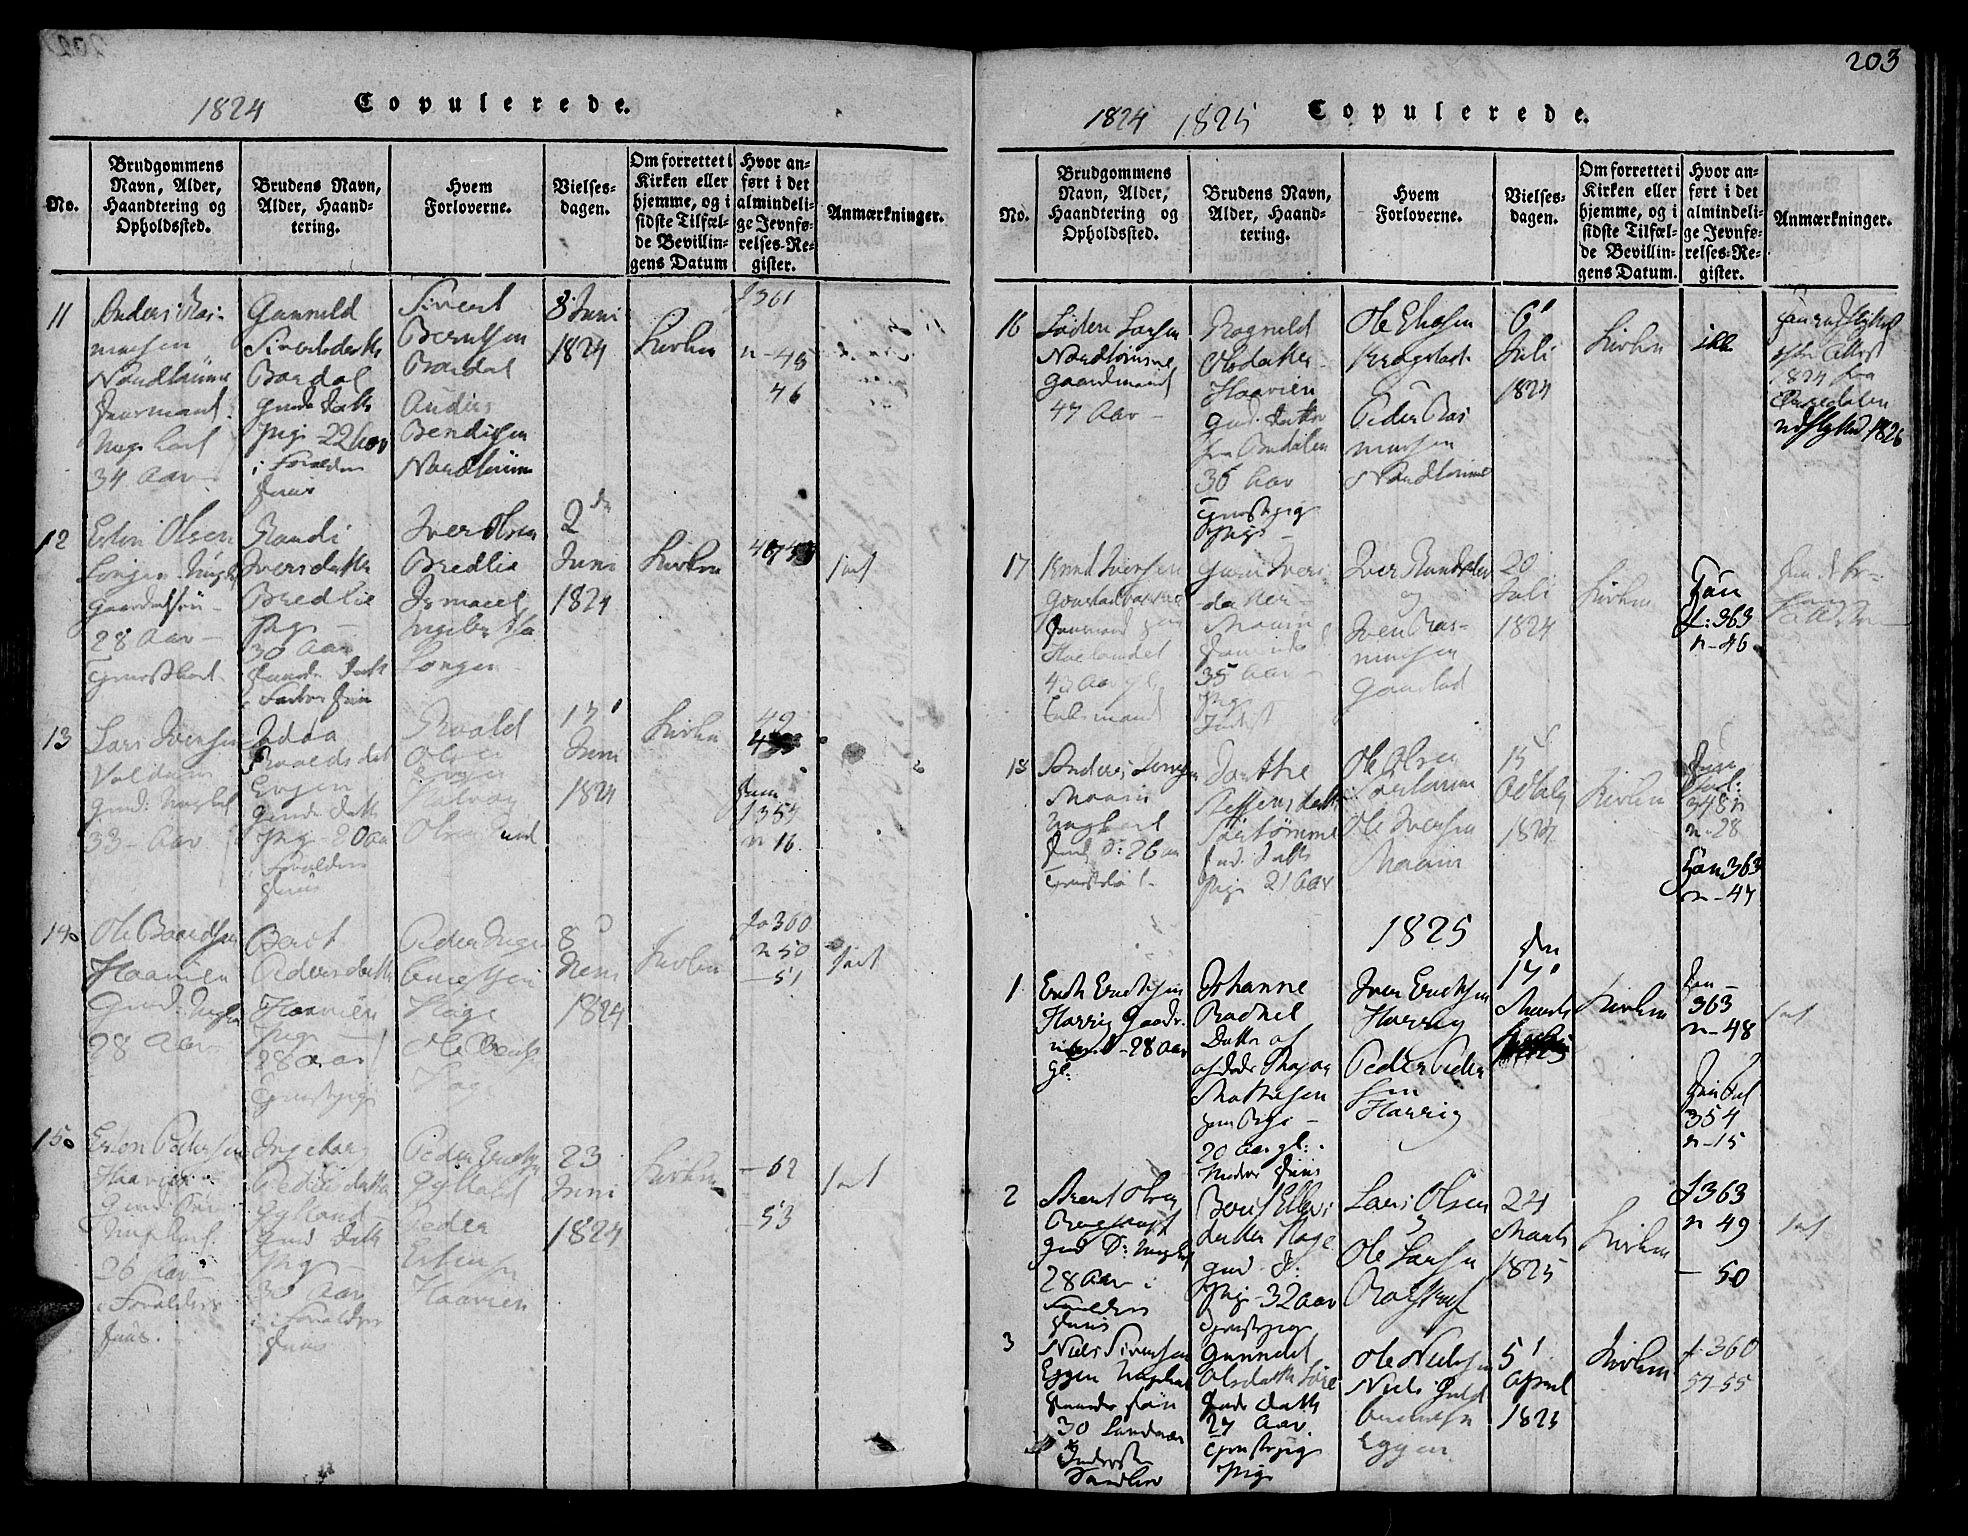 SAT, Ministerialprotokoller, klokkerbøker og fødselsregistre - Sør-Trøndelag, 692/L1102: Ministerialbok nr. 692A02, 1816-1842, s. 203